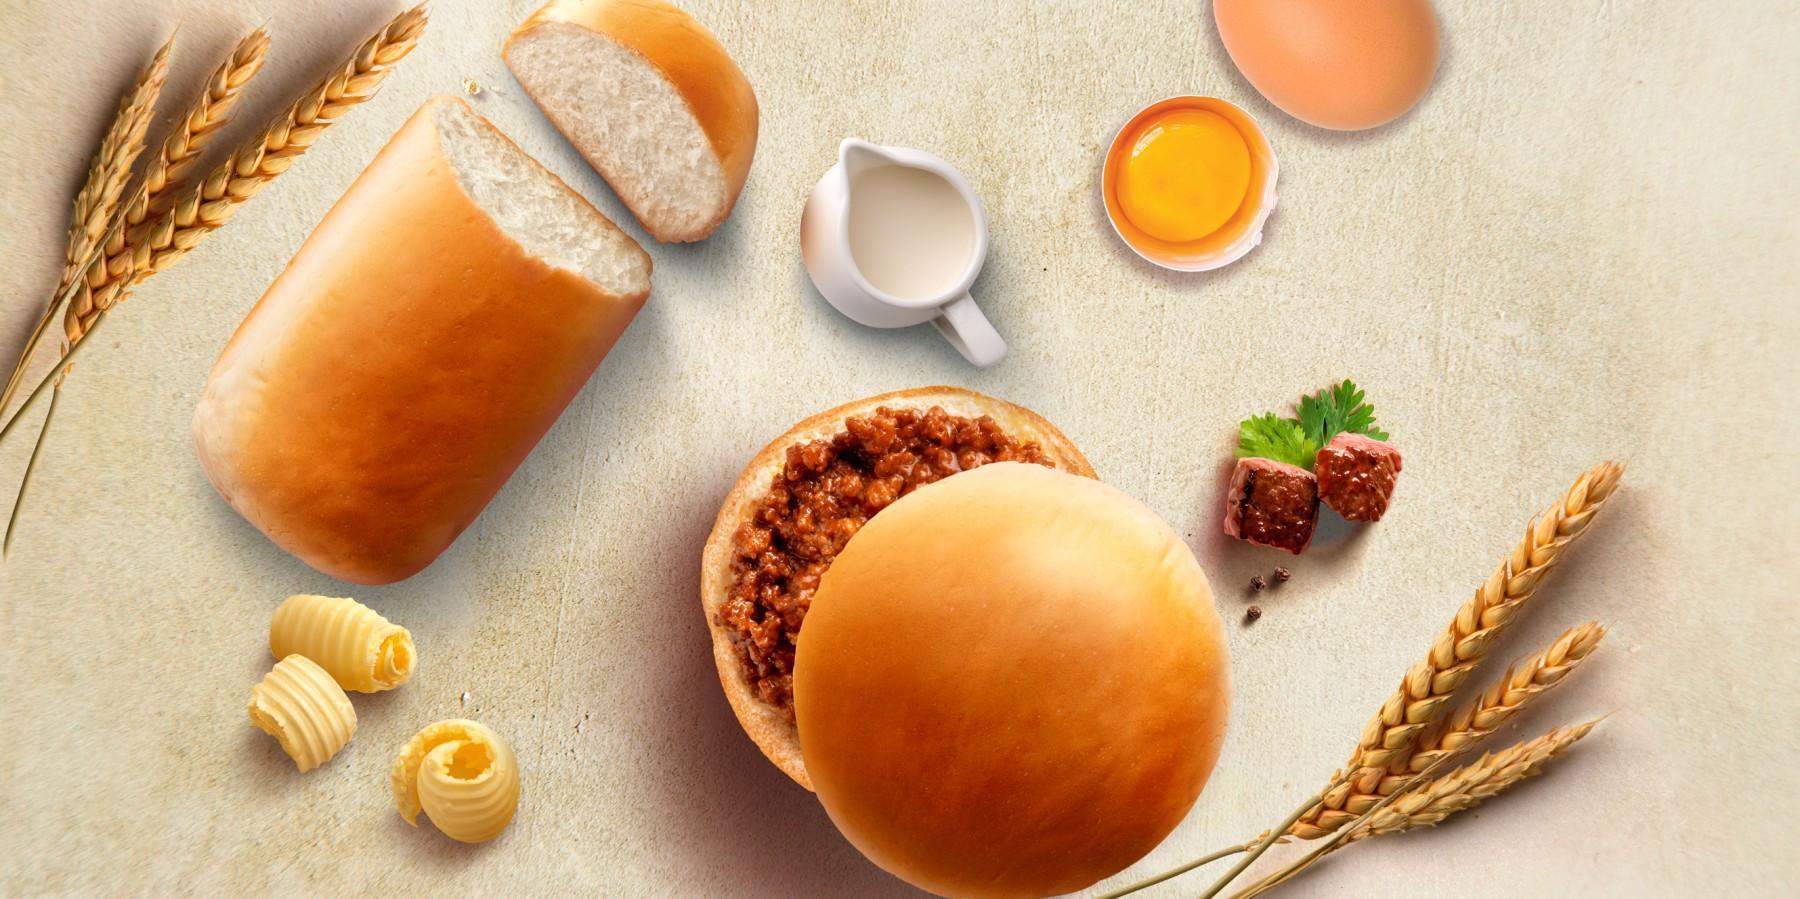 Bánh Tươi Kinh Đô - Thêm lựa chọn không thể bỏ qua trong mùa dịch - Ảnh 1.